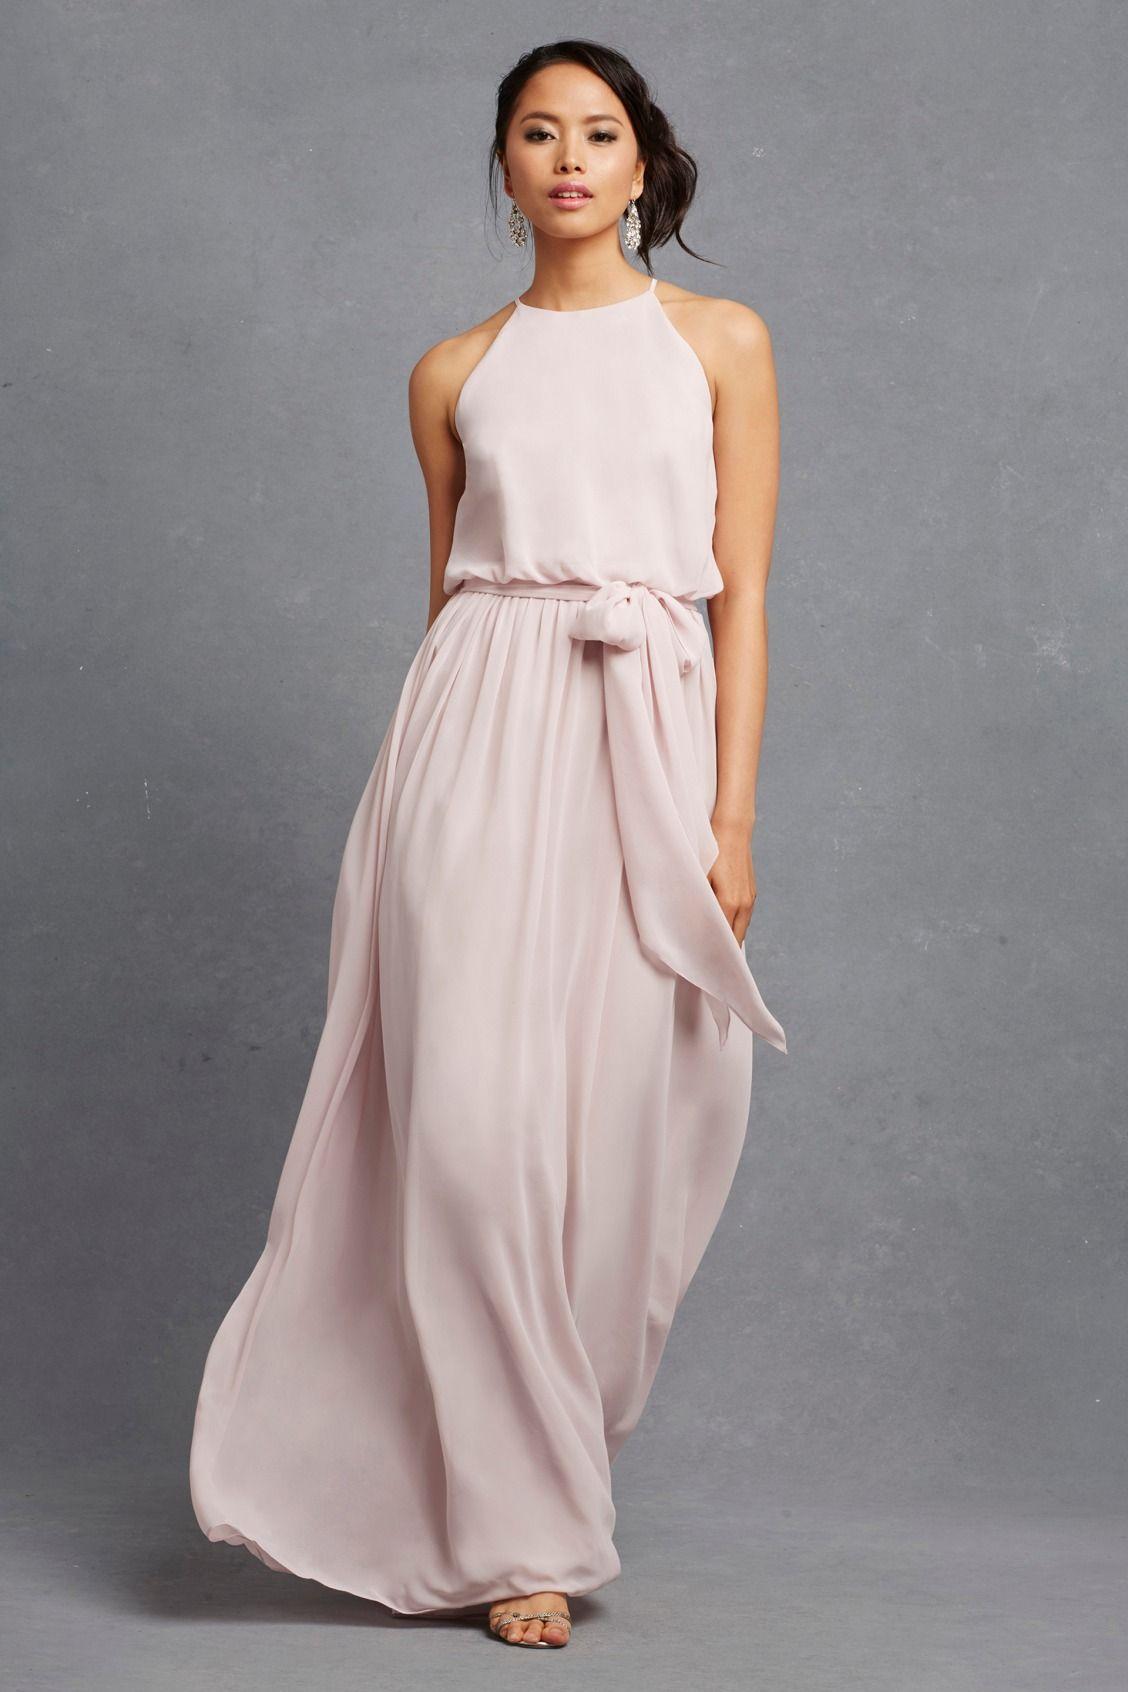 Alana chiffon bridesmaid dress by donna morgan available at alana chiffon bridesmaid dress by donna morgan available at davids bridal ombrellifo Image collections